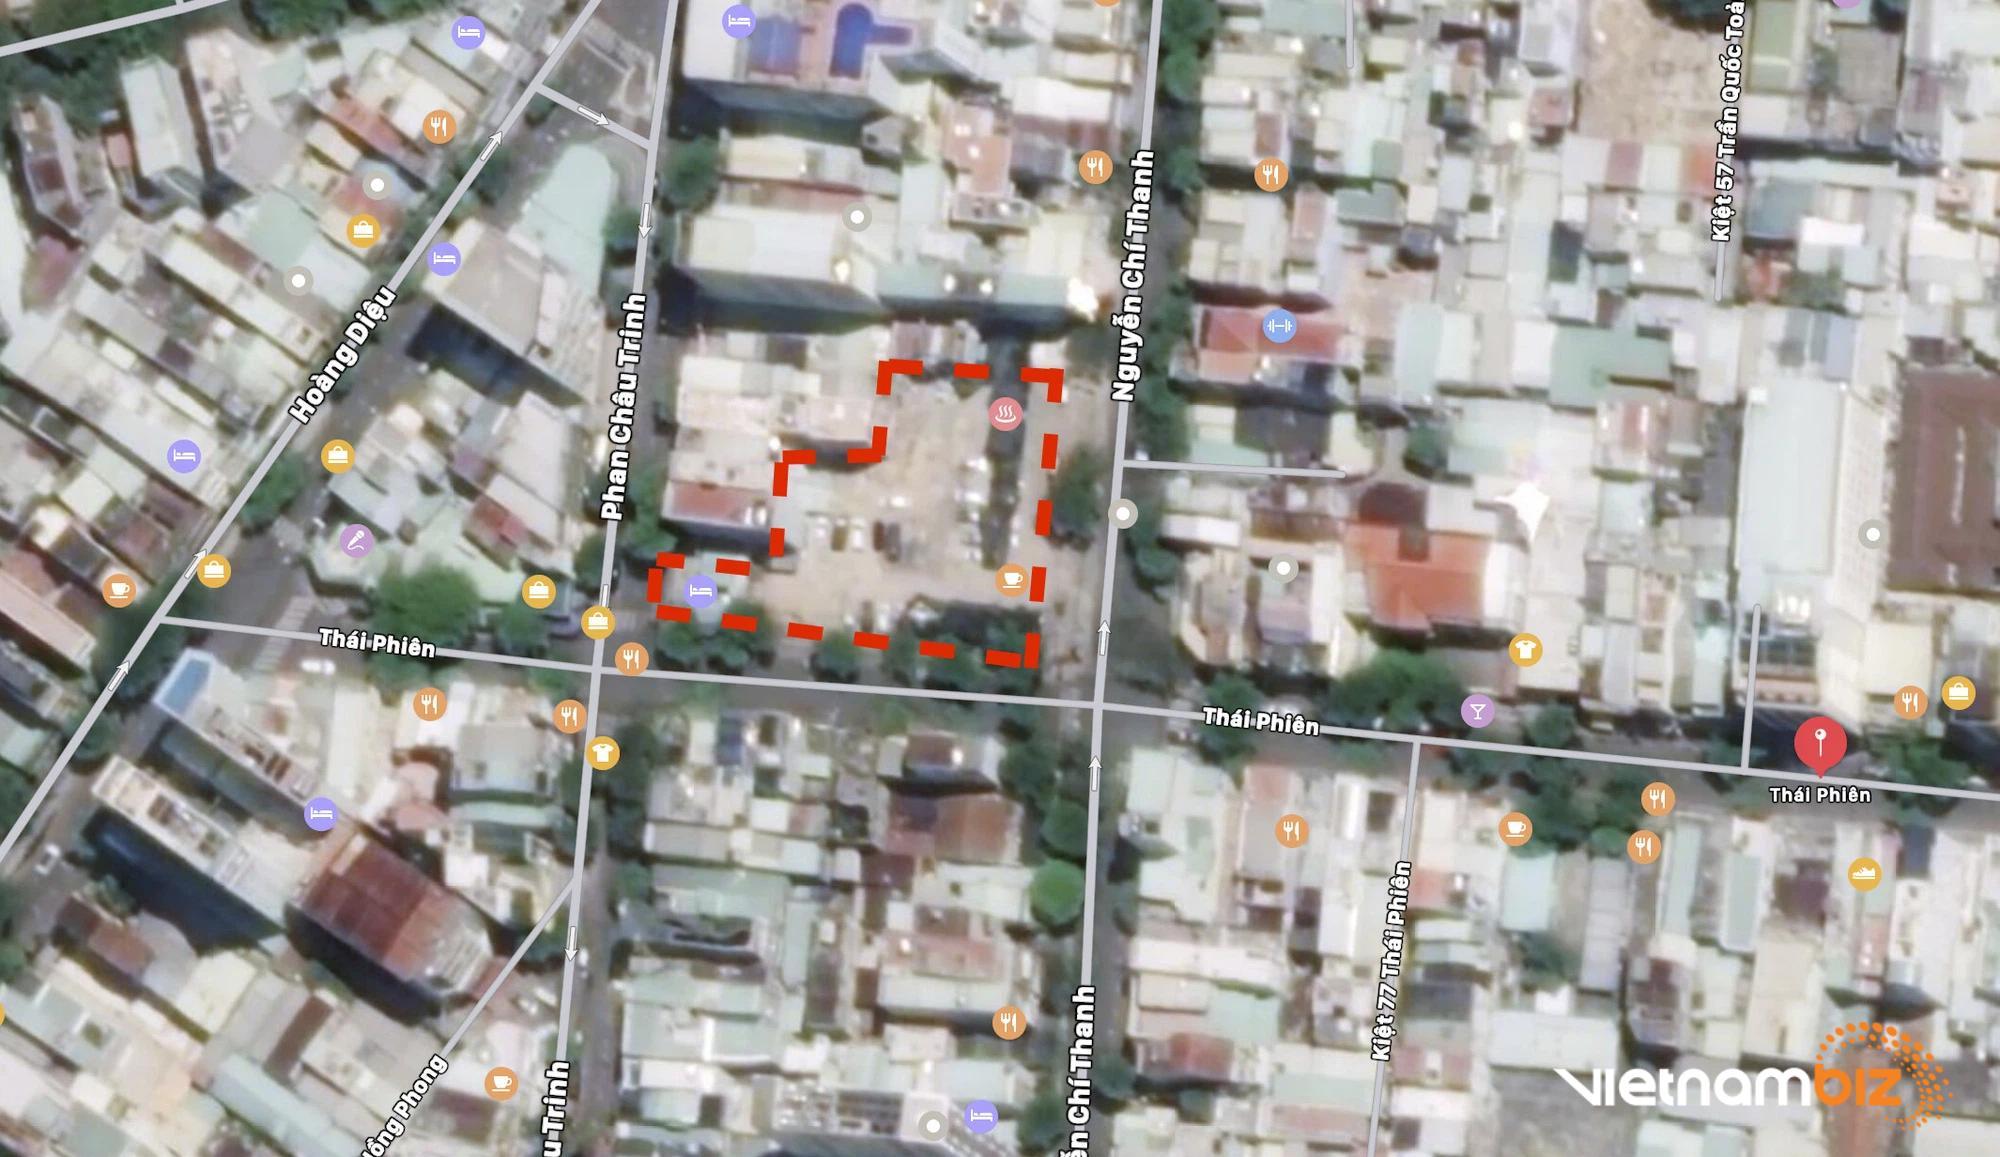 Cận cảnh hai khu đất gần cầu Rồng, Đà Nẵng sẽ đấu giá làm bãi đỗ xe - Ảnh 8.